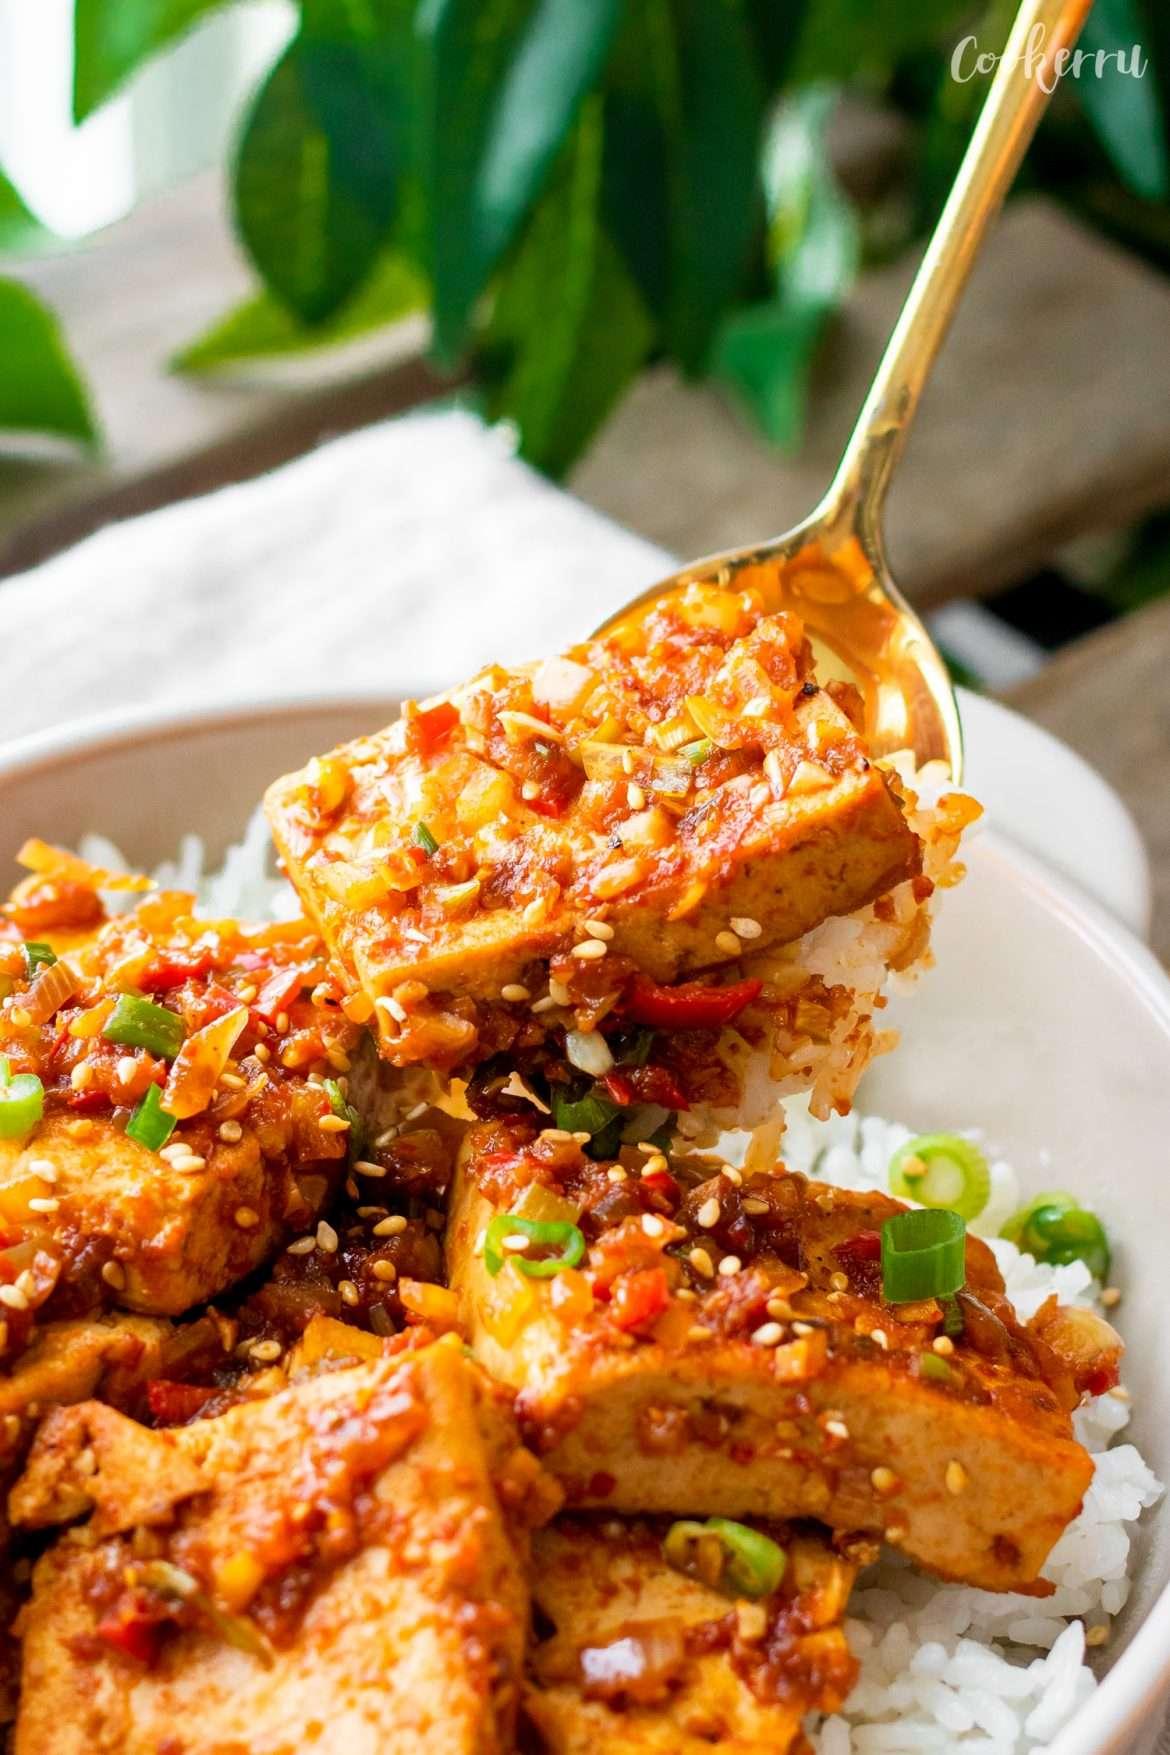 Dubu Jorim (Korean Braised Tofu)